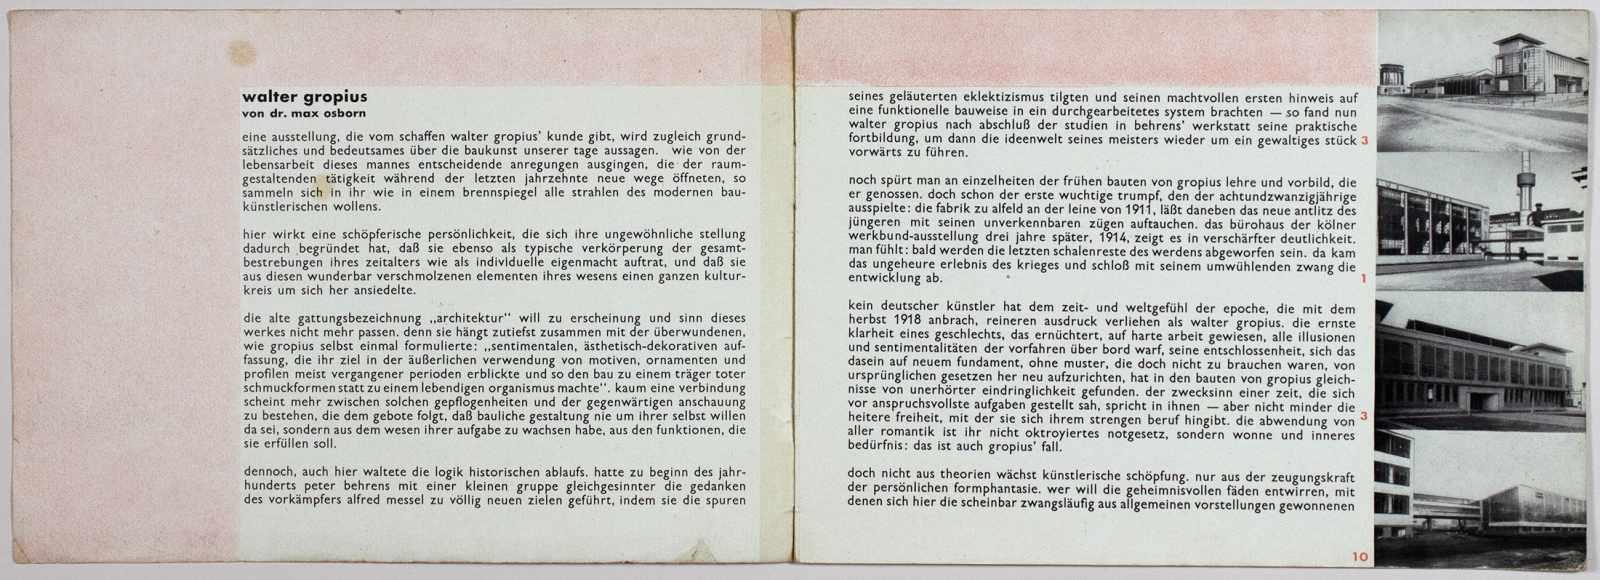 Laszlo Moholy-Nagy - Ausstellung Walter Gropius. Zeichnungen, Fotos, Modelle in der ständigen - Image 2 of 8